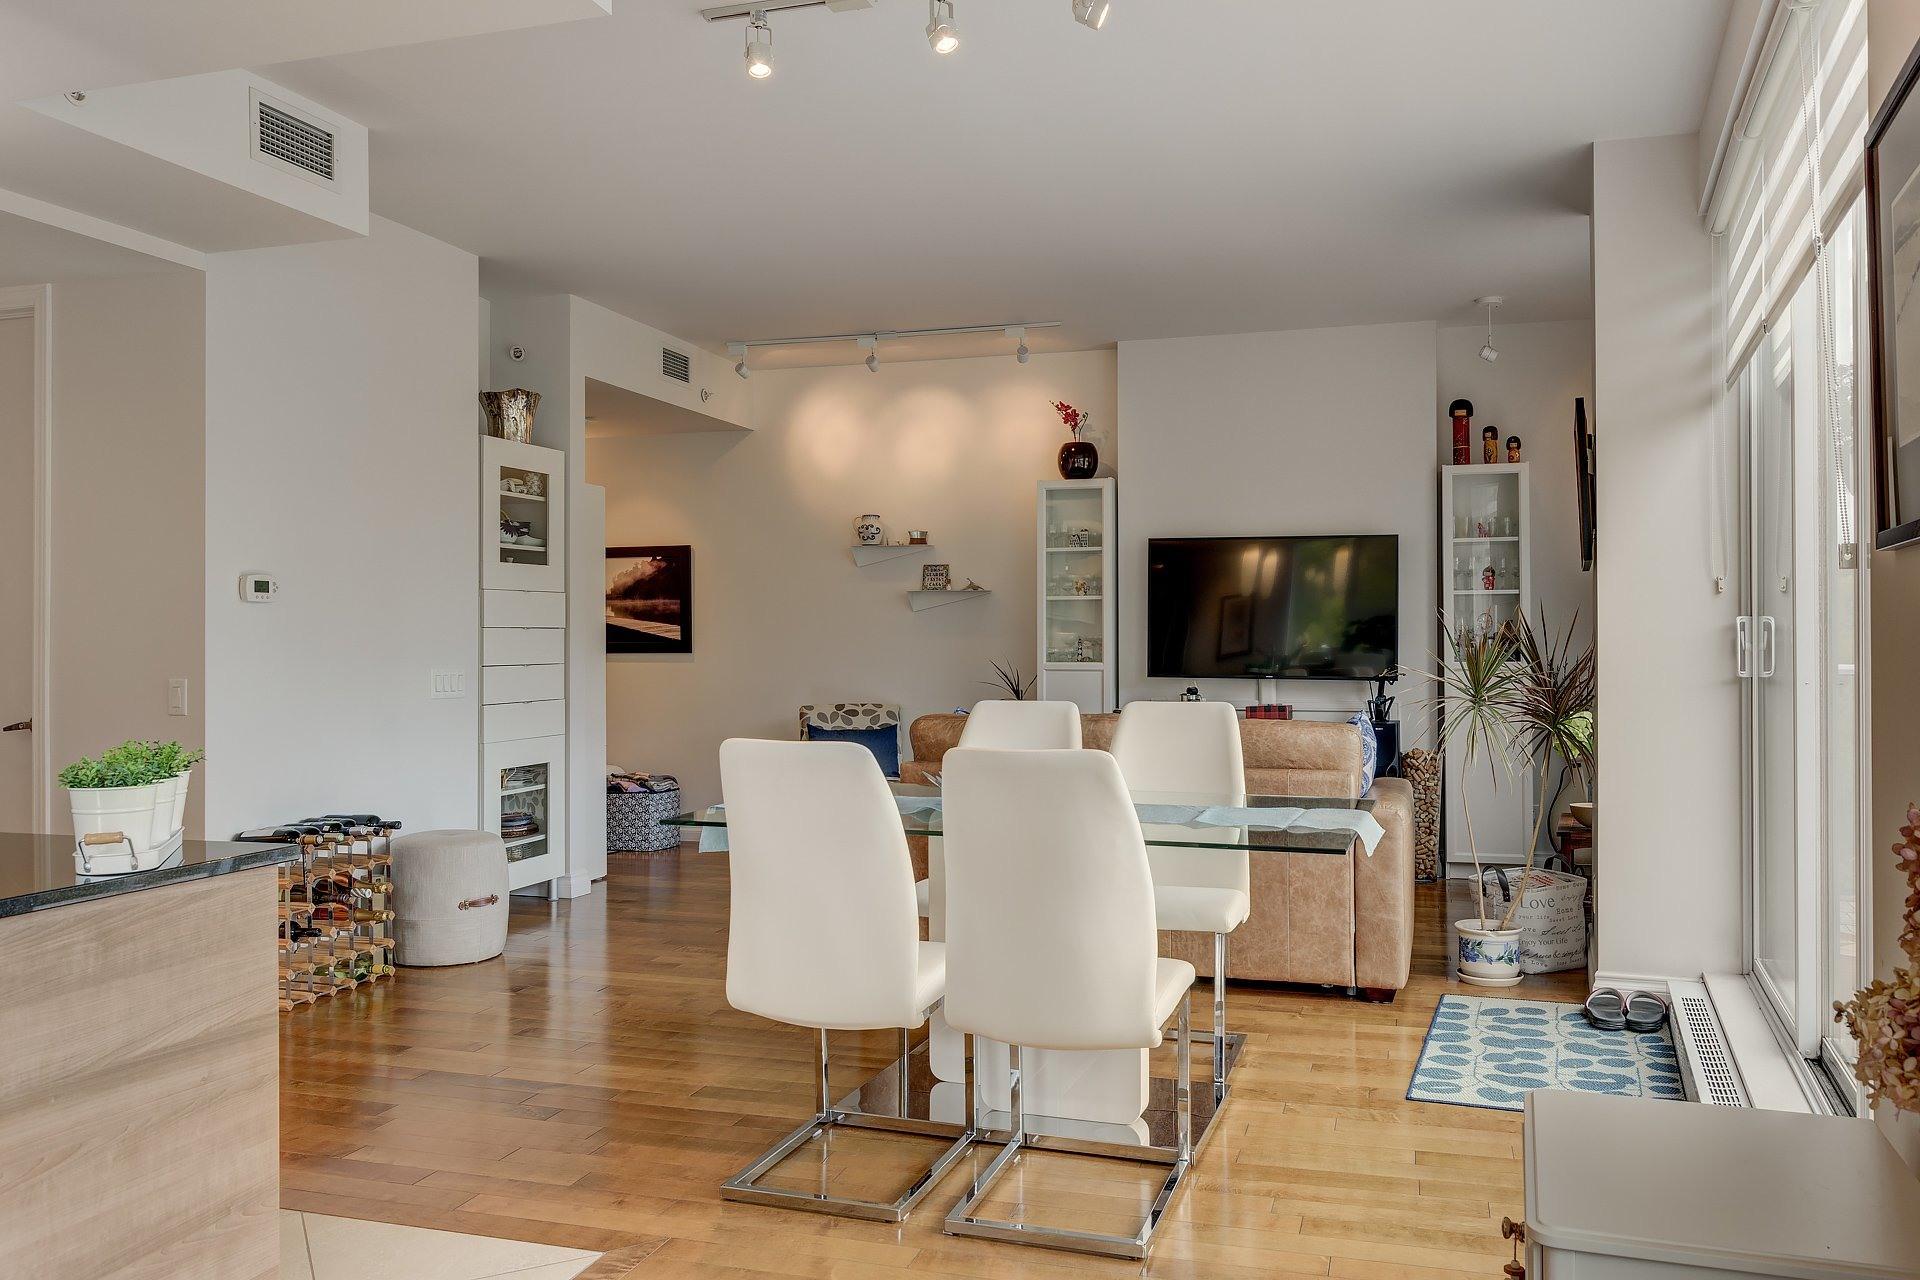 image 4 - Apartment For rent Côte-des-Neiges/Notre-Dame-de-Grâce Montréal  - 5 rooms